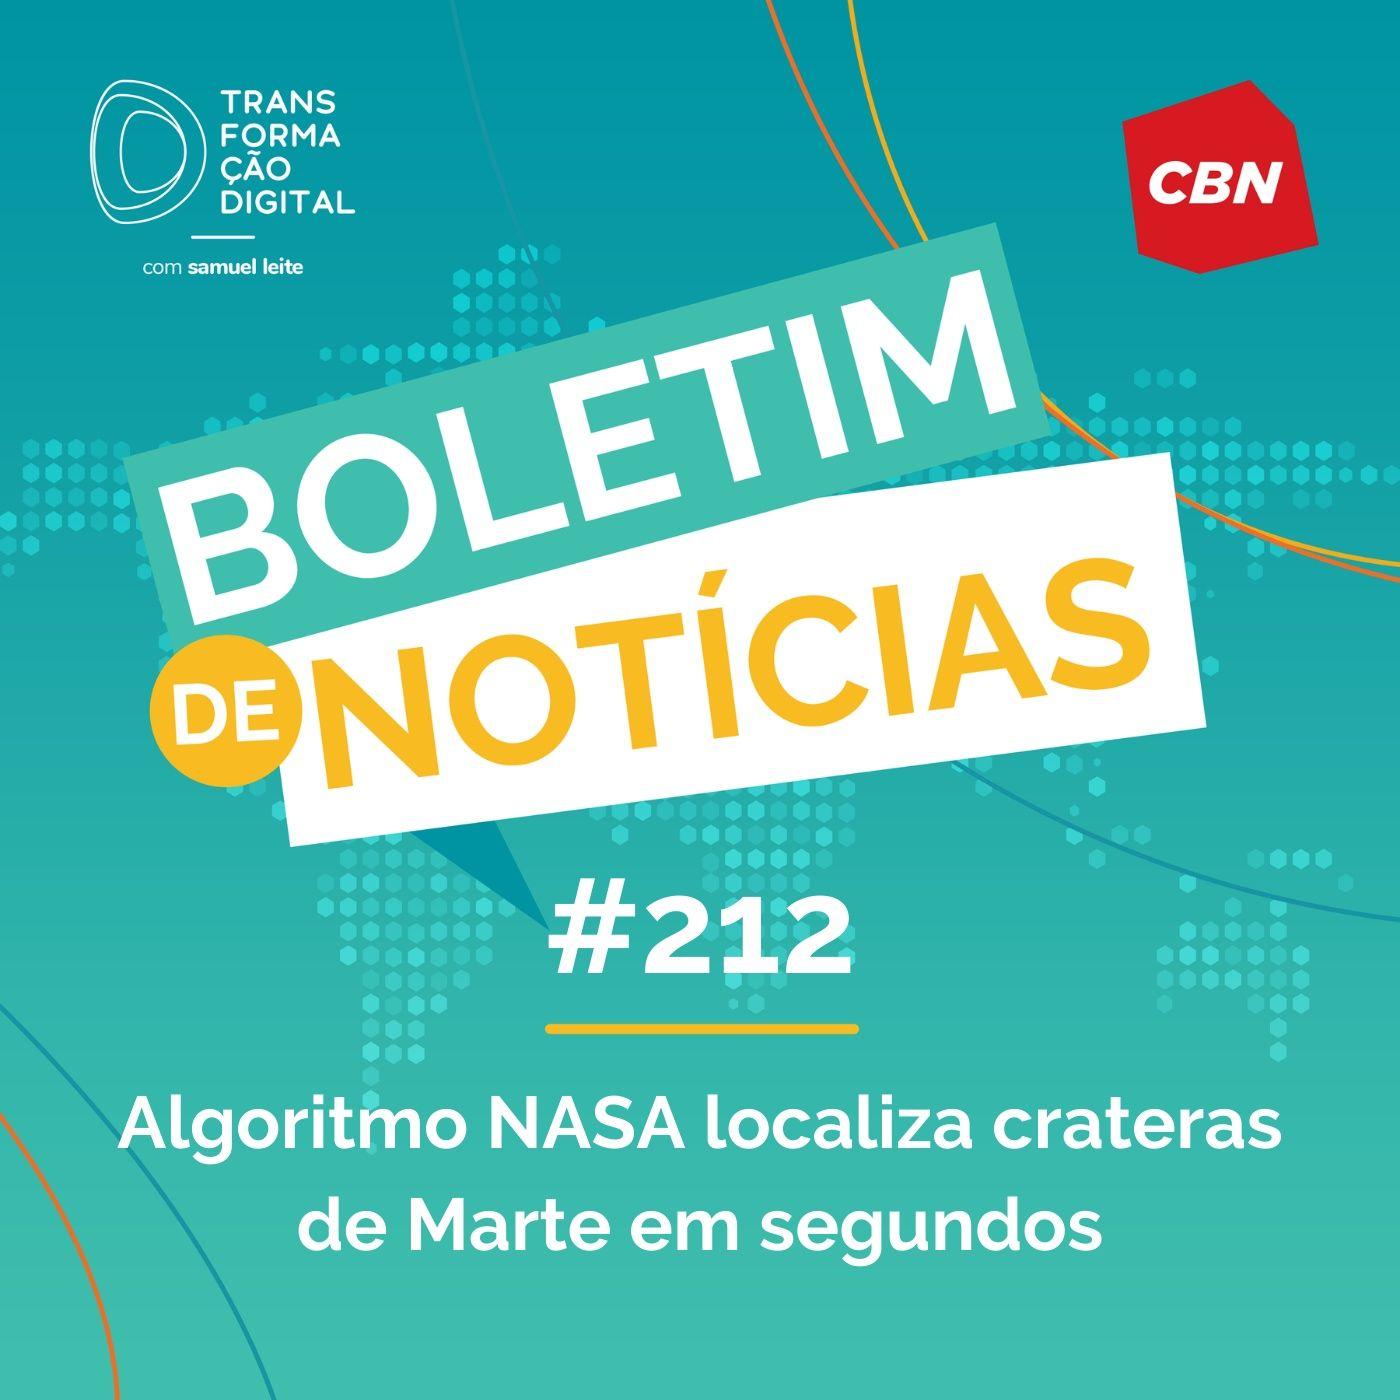 Transformação Digital CBN - Boletim de Notícias #212 - Algoritmo NASA localiza crateras de Marte em segundos